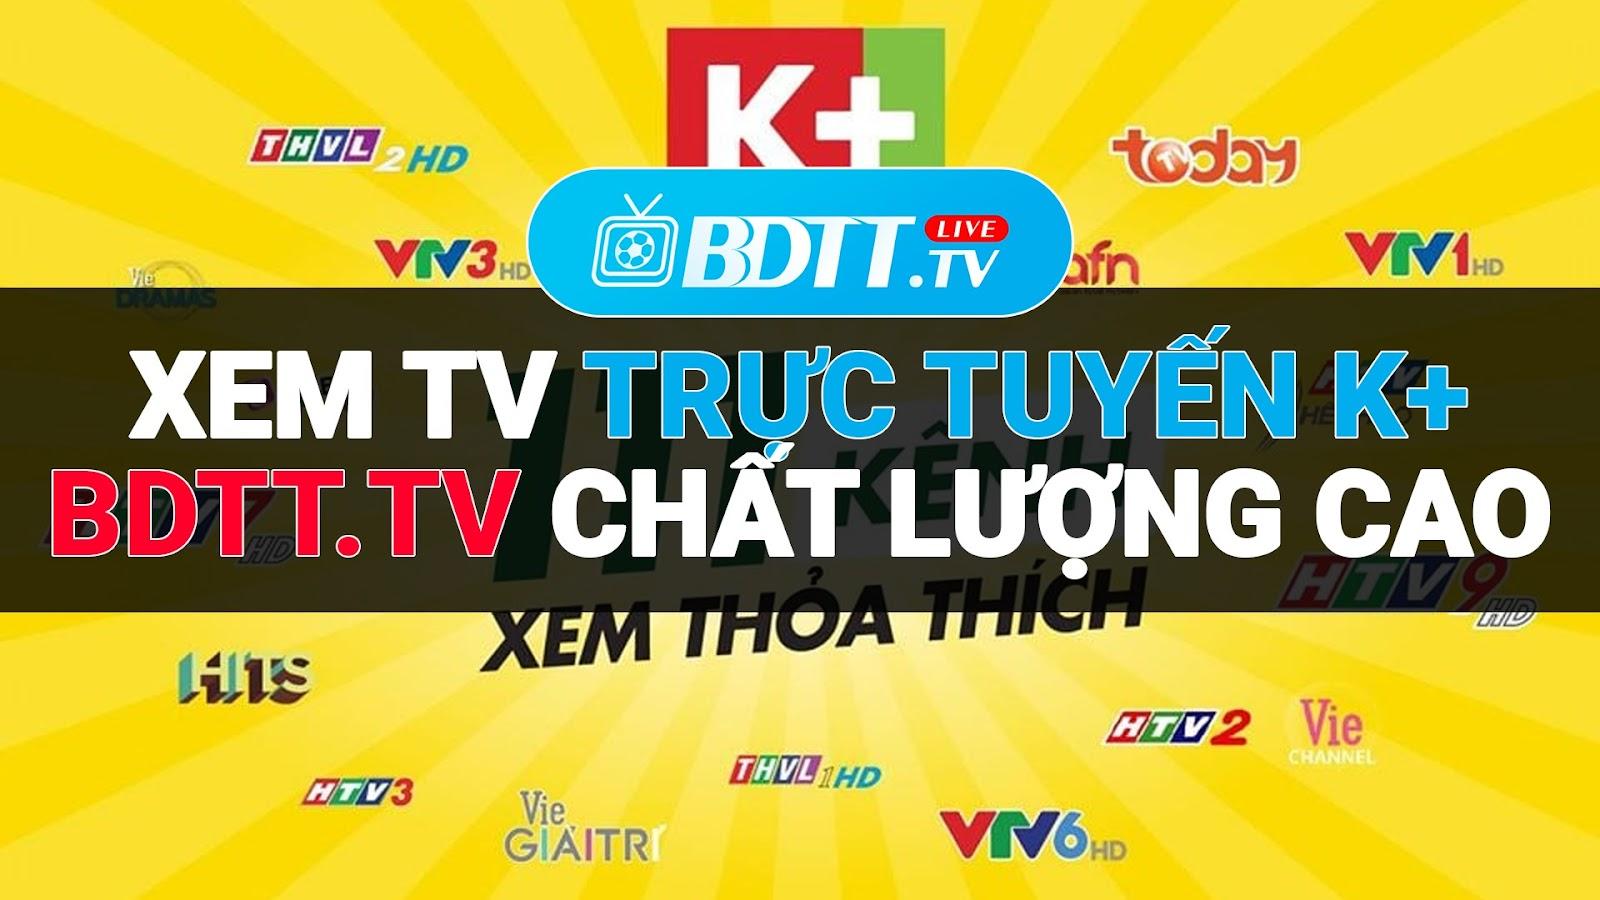 Nếu các bạn chưa chọn được kênh trực tiếp bóng đá nào ưng ý, thì hãy truy cập vào tham khảo ngay kênh BDTT.tv - Xem trực tiếp bóng đá miễn phí, được hình thành dựa trên sở thích và nhu cầu xem TV bóng đá trực tuyến tốt nhất hiện nay.